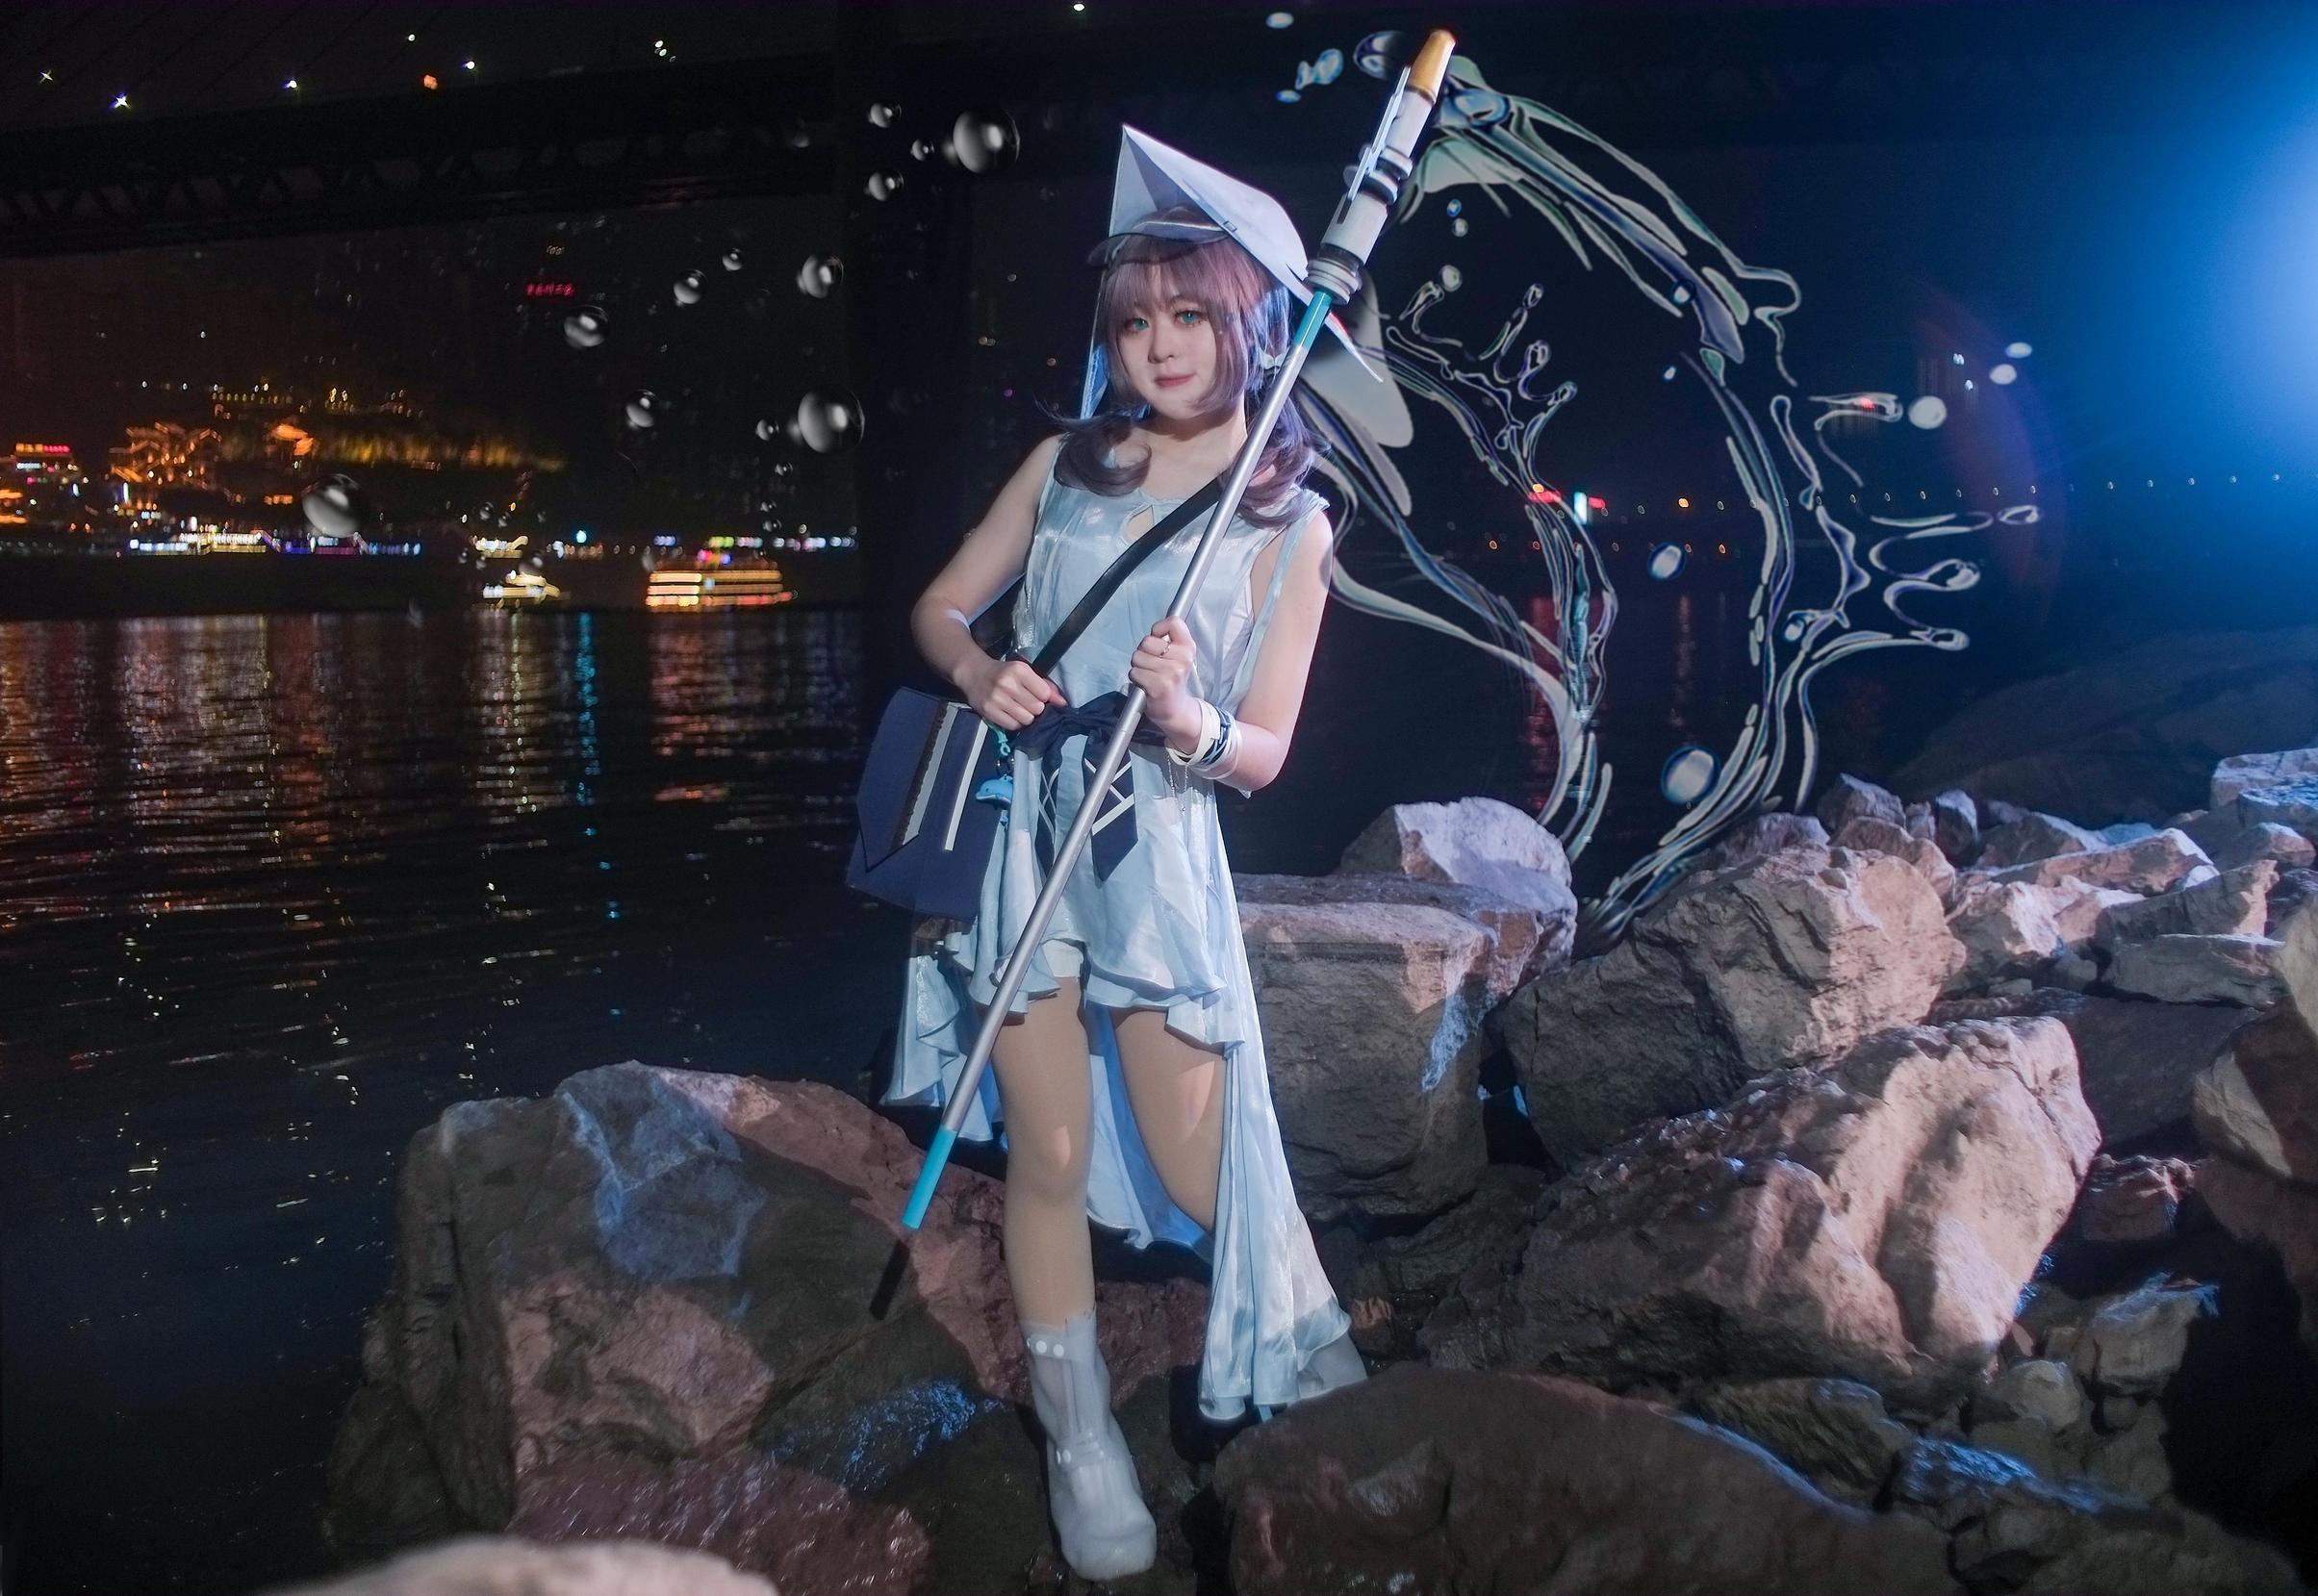 《明日方舟》正片cosplay【CN:星熊的小娇妻】-第1张